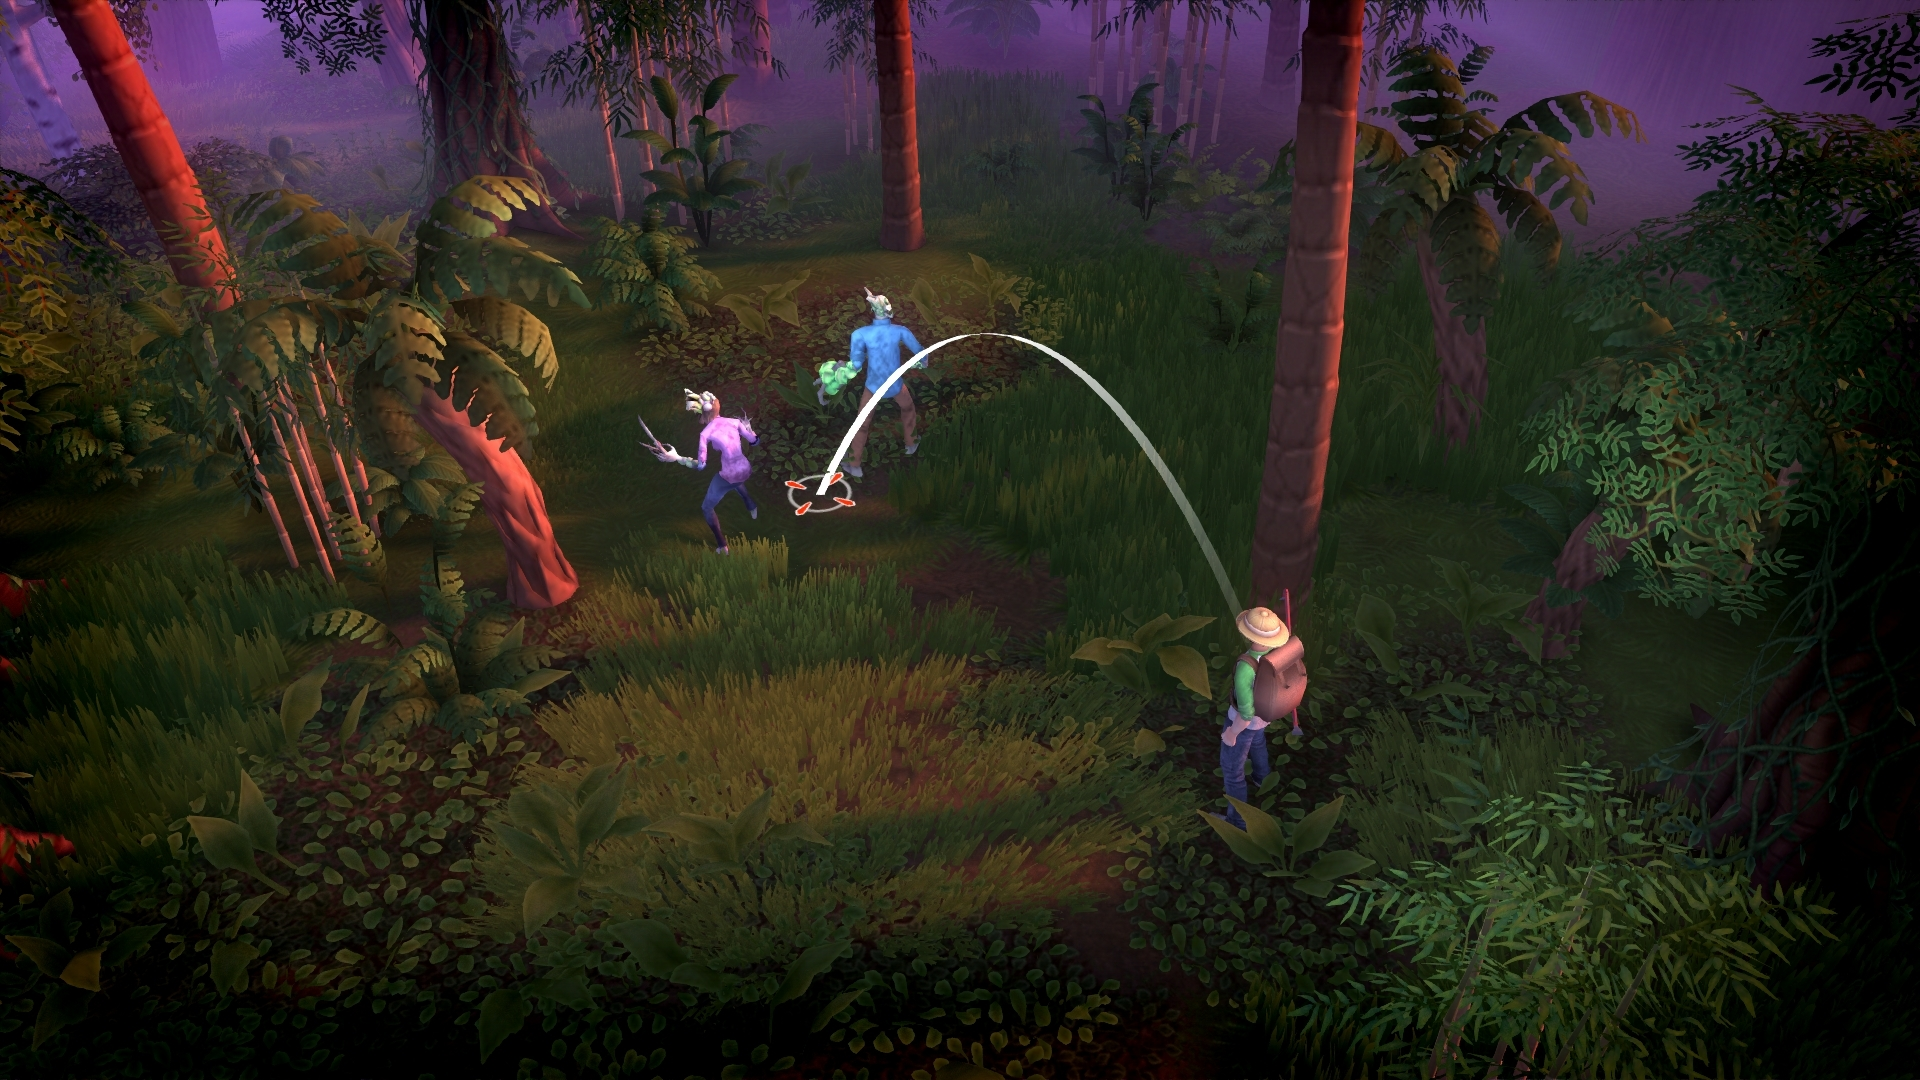 1d5aa2cd962283cdde4186750d500623c210ce2b | RPG Jeuxvidéo